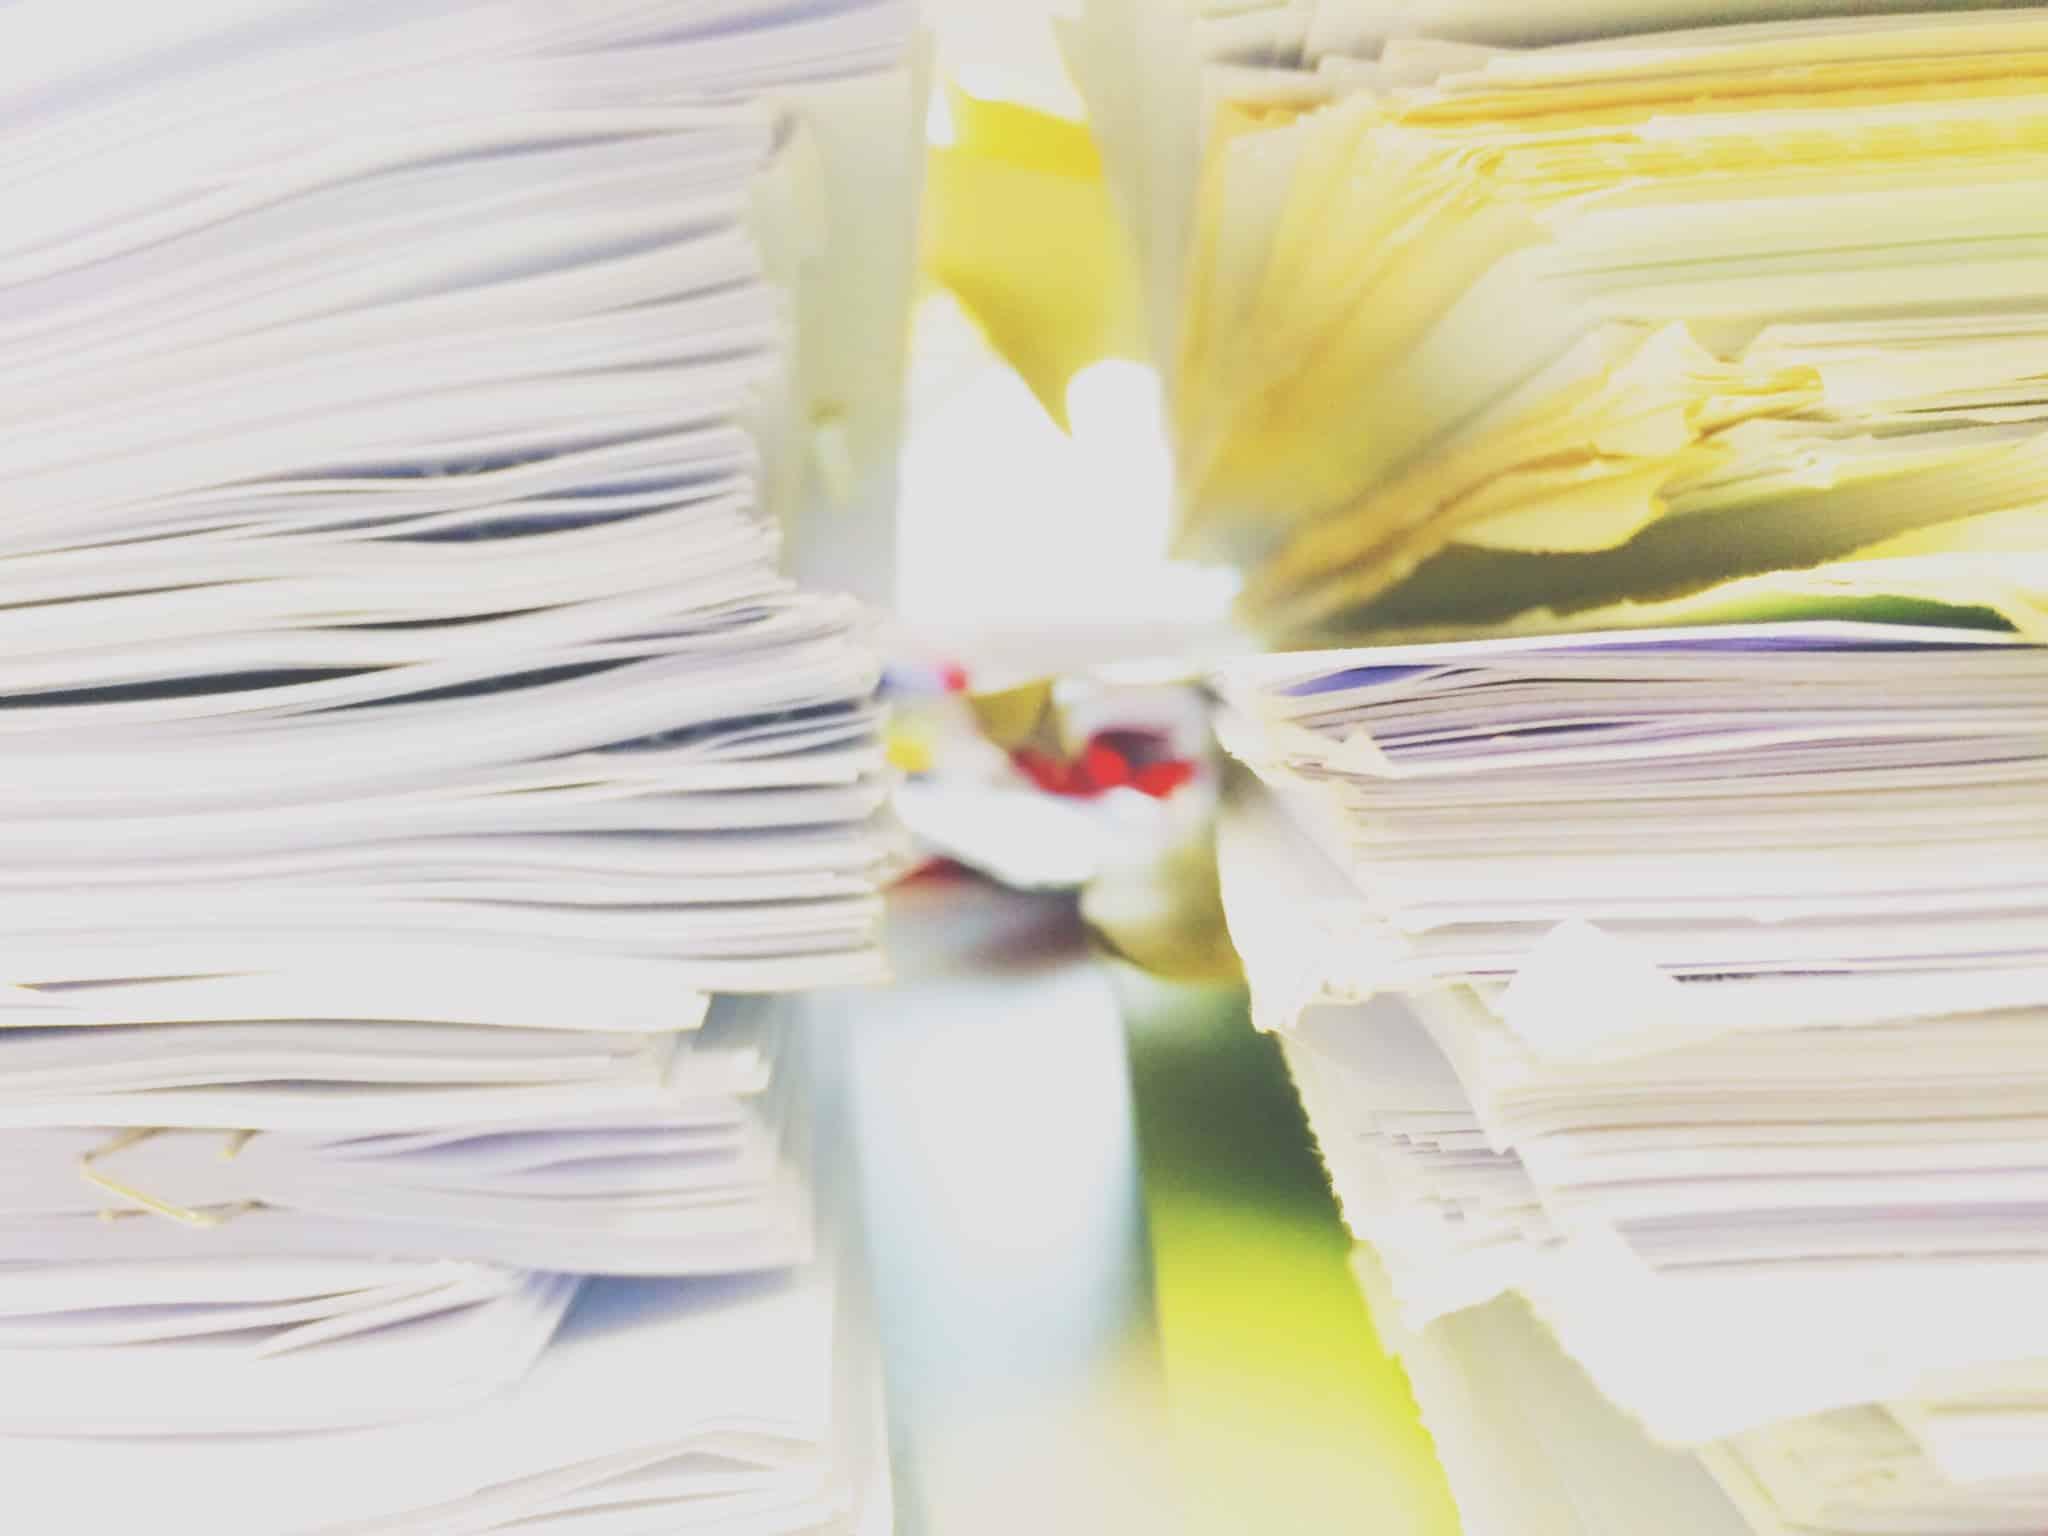 pilhas de papel amarelo e branco